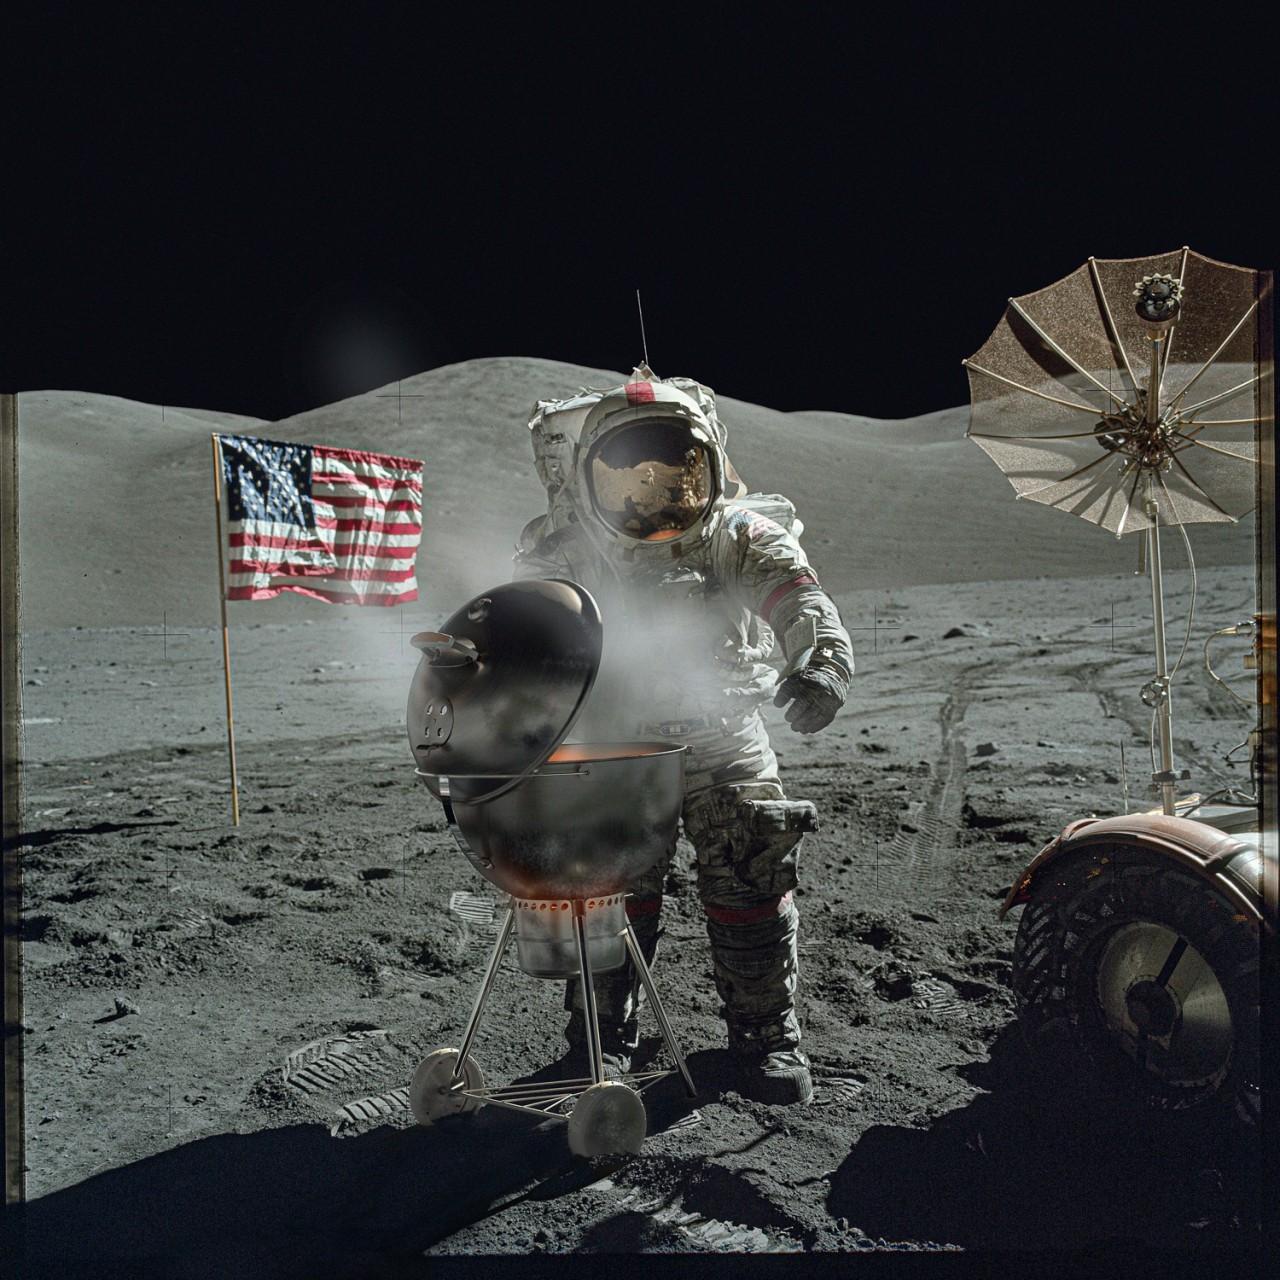 1 место в категории  «Креатив». «Профессиональная» номинация, 2021. «Возвращение на Луну». Автор Марк Гамильтон Гручи